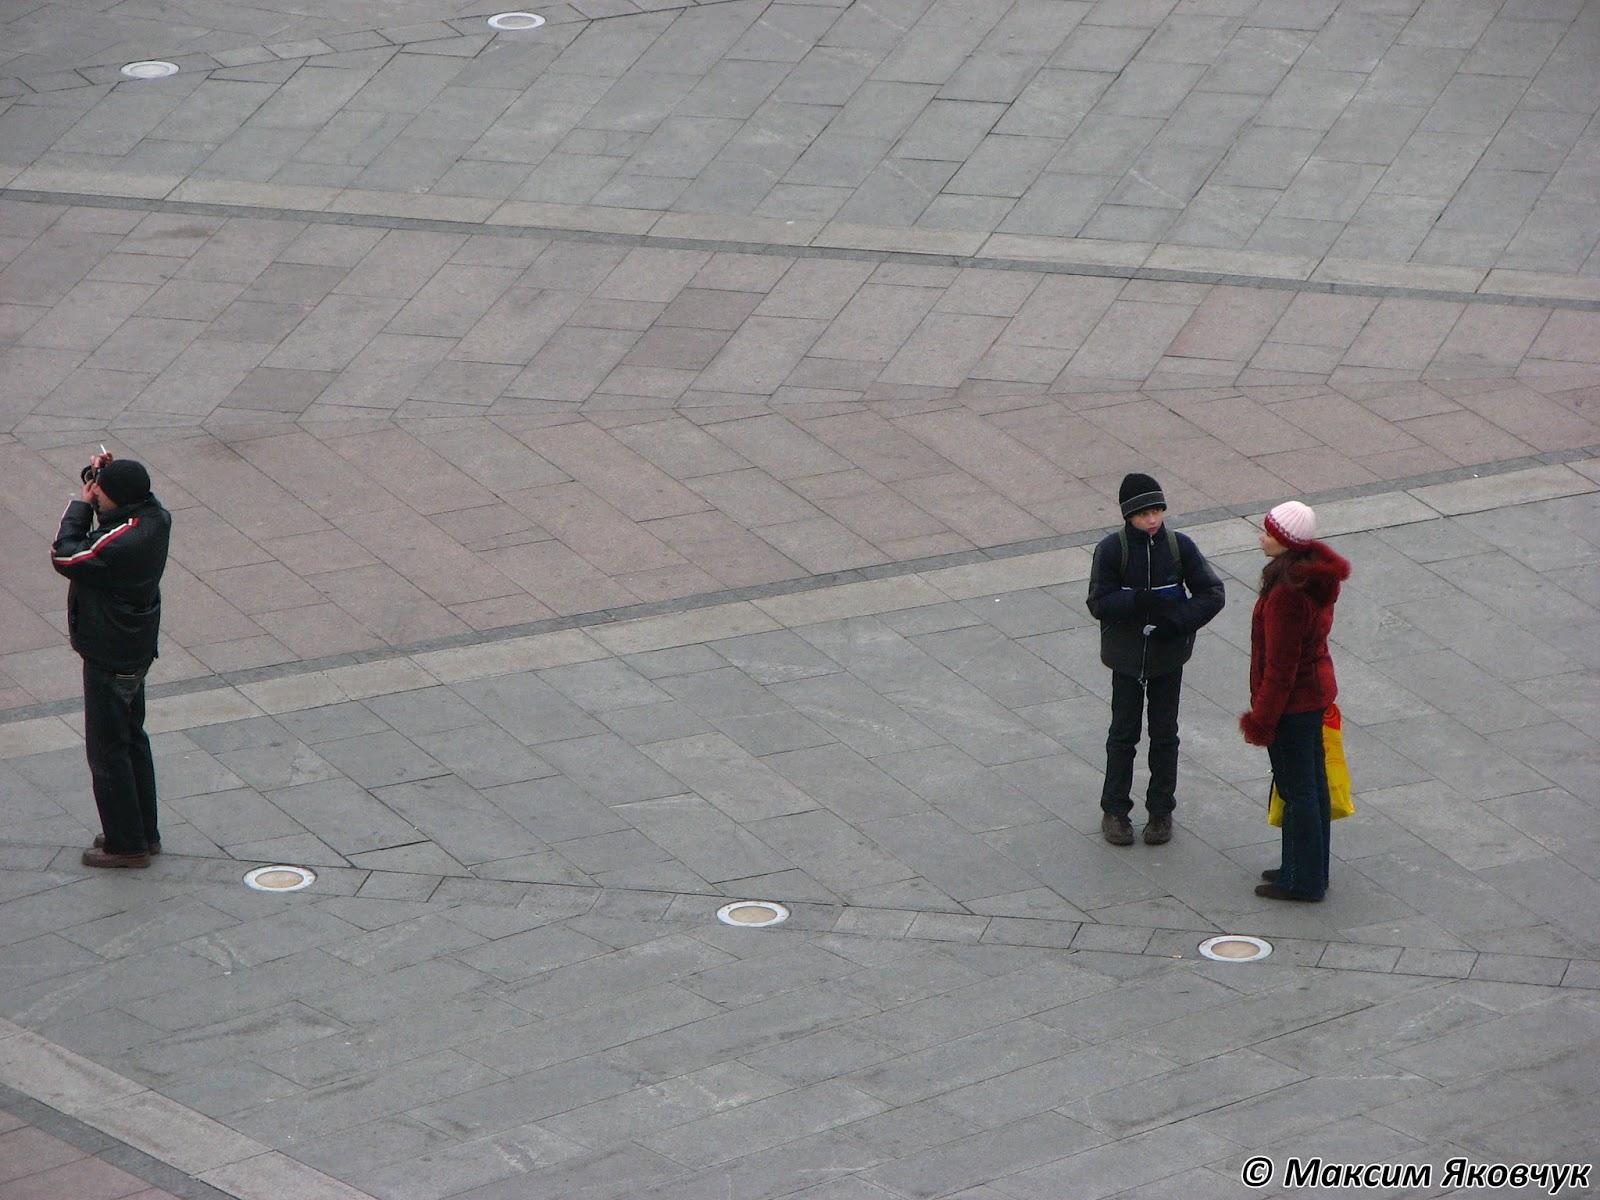 Фотограф Максим Яковчук: Photogrammer – творча співдружність: Фото дня від 11 березня 2018 року на сайті photogrammer.com.ua | Автор фото: Максим Яковчук | Назва фото: Родинне фото (четверте) |